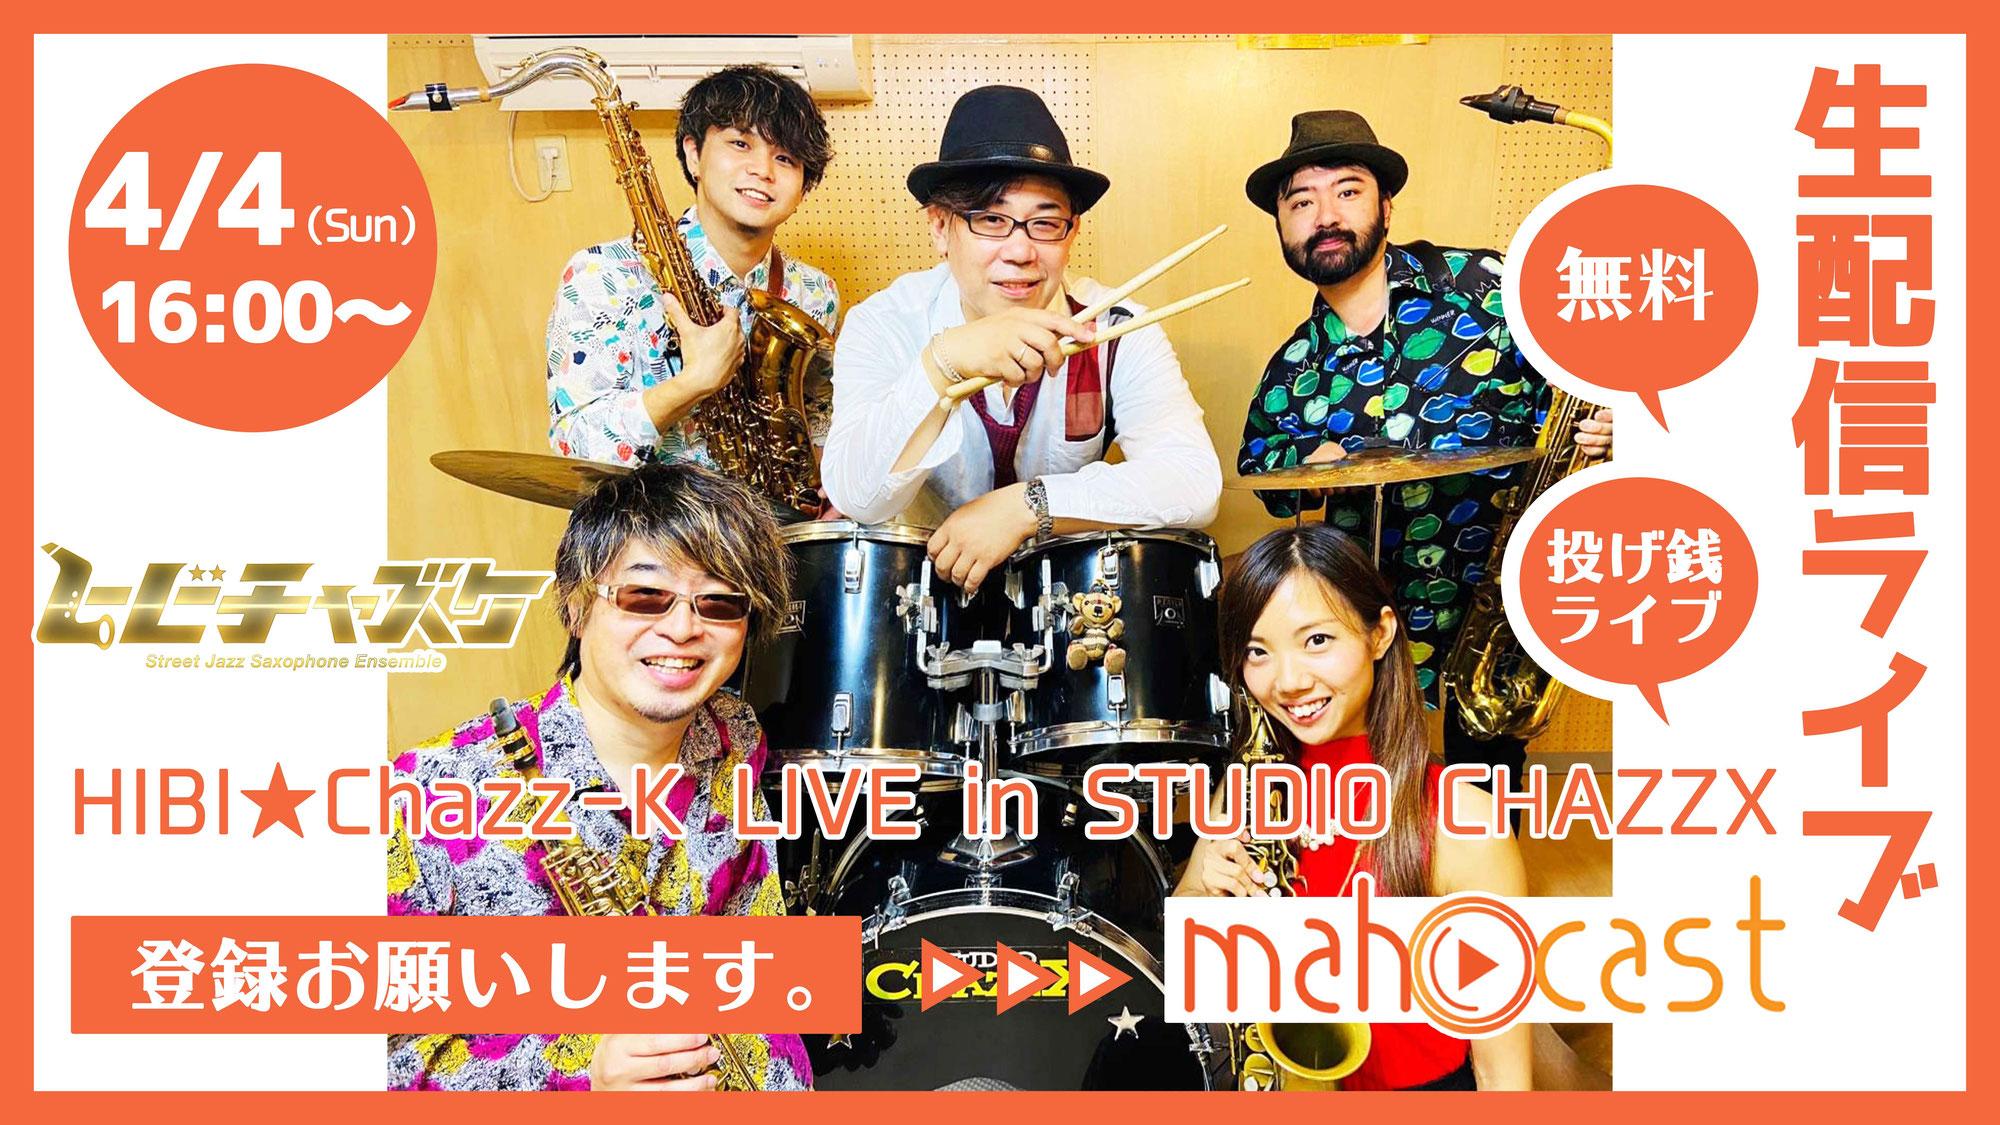 4/4(日)「HIBI★Chazz-K LIVE in STUDIO CHAZZX 〜 mahocast 無観客無料配信ライブ!」